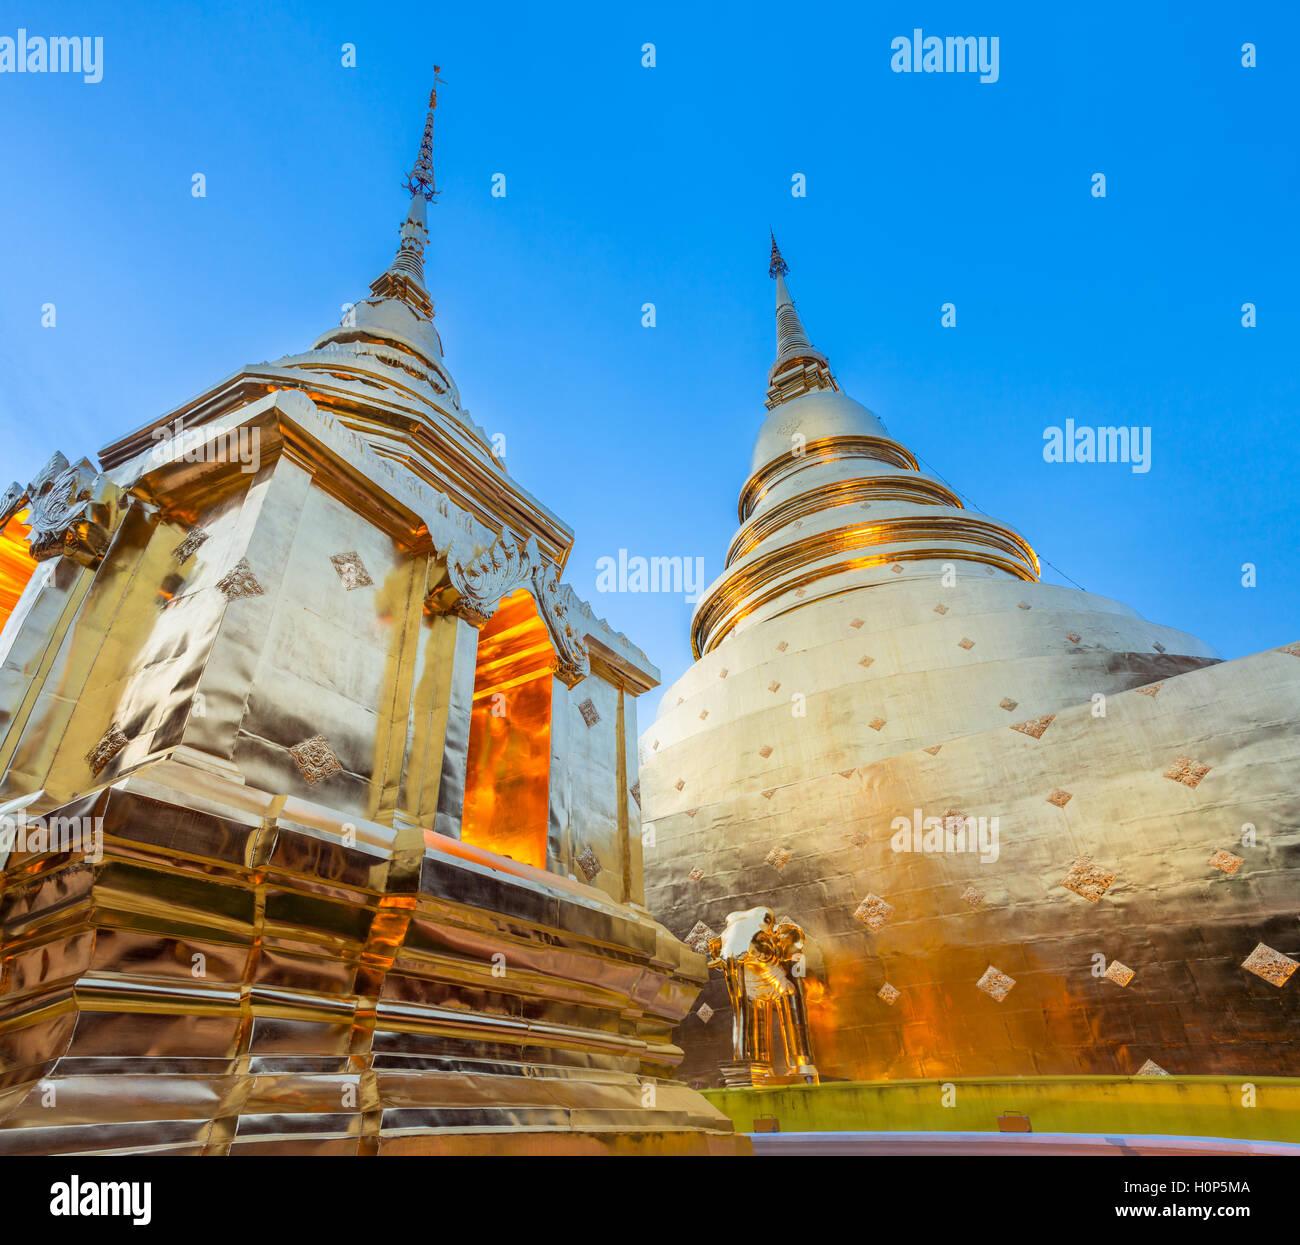 Vista del tramonto del golden chedi (stupa) di Wat Phra Singh tempio, il più venerato tempio in Chiang Mai, Thailandia. Foto Stock